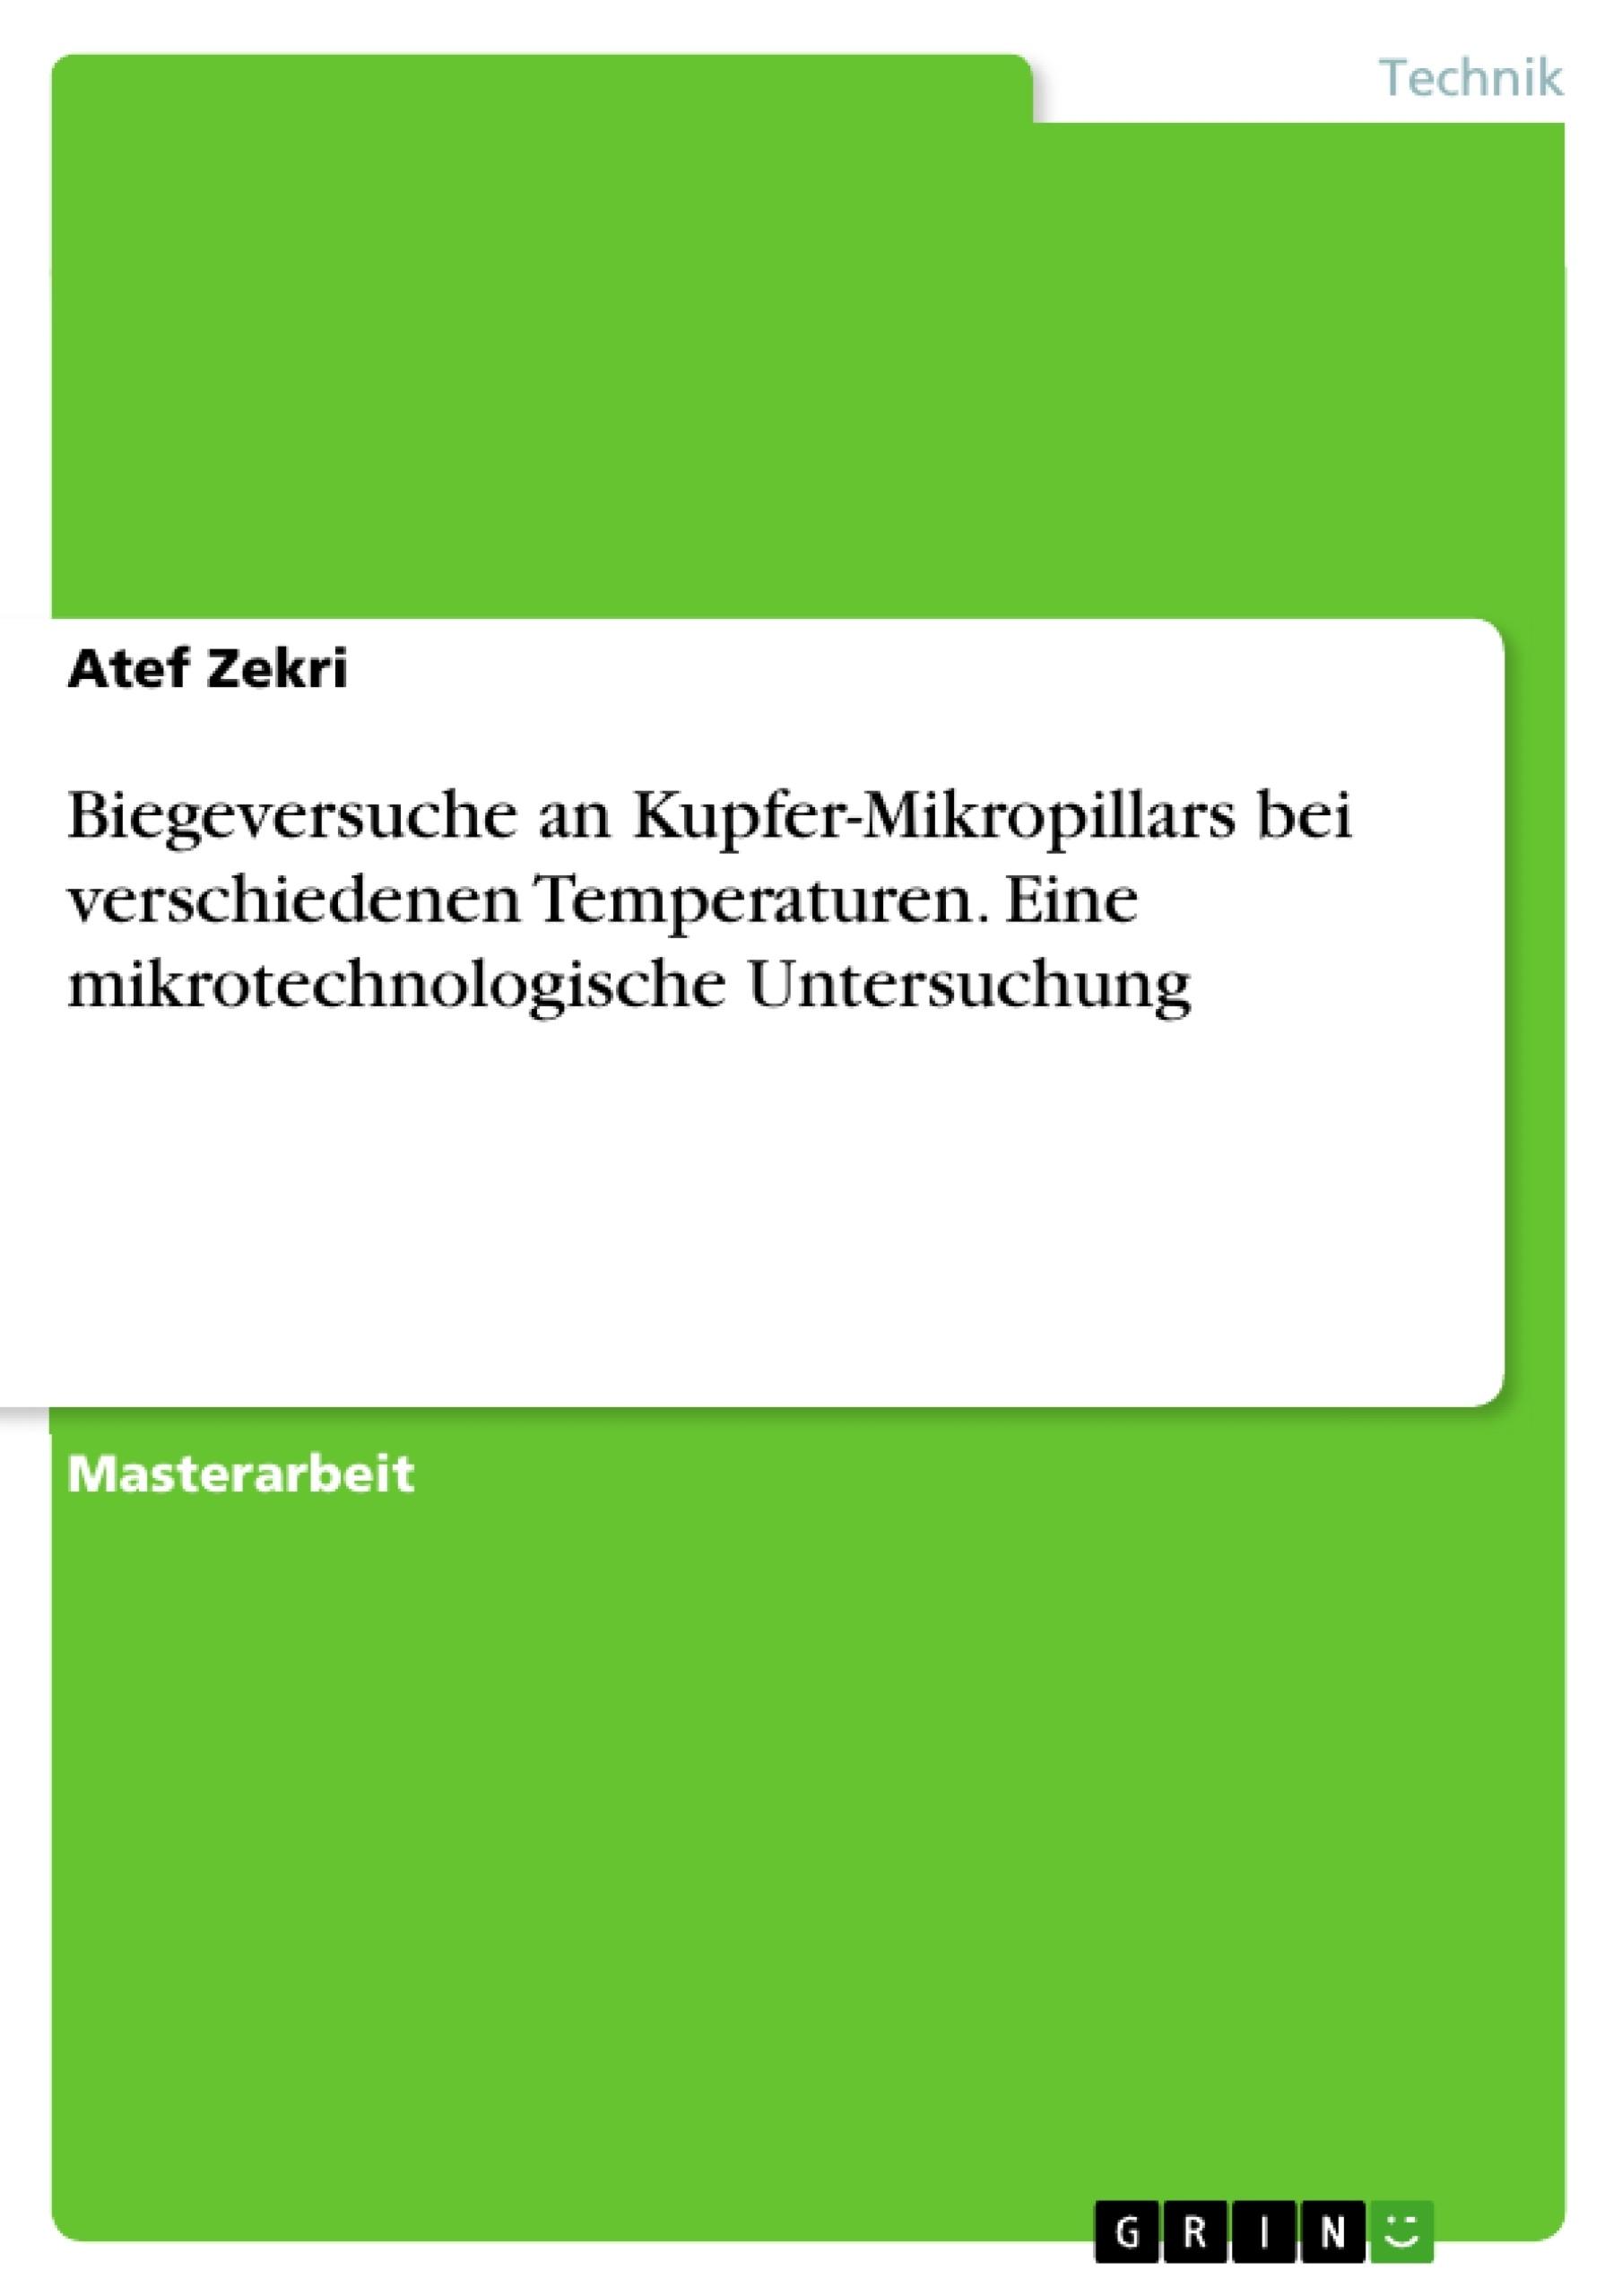 Titel: Biegeversuche an Kupfer-Mikropillars bei verschiedenen Temperaturen. Eine mikrotechnologische Untersuchung